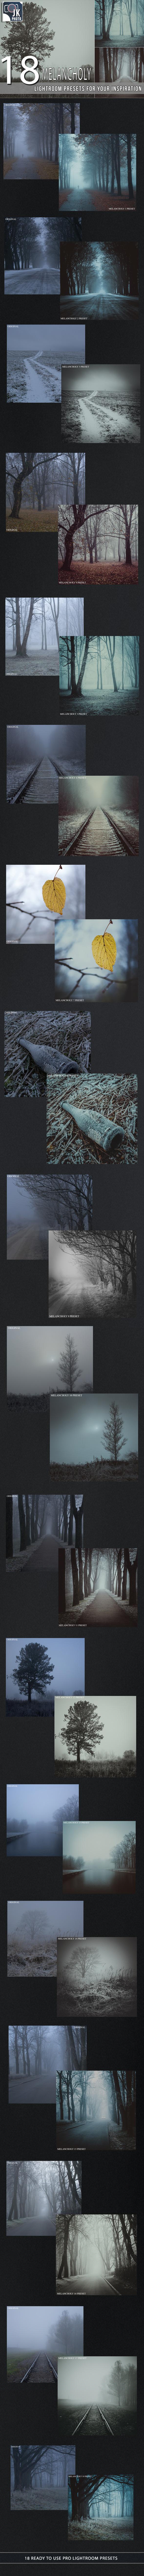 GraphicRiver 18 Melancholy Lightroom Presets 9795072